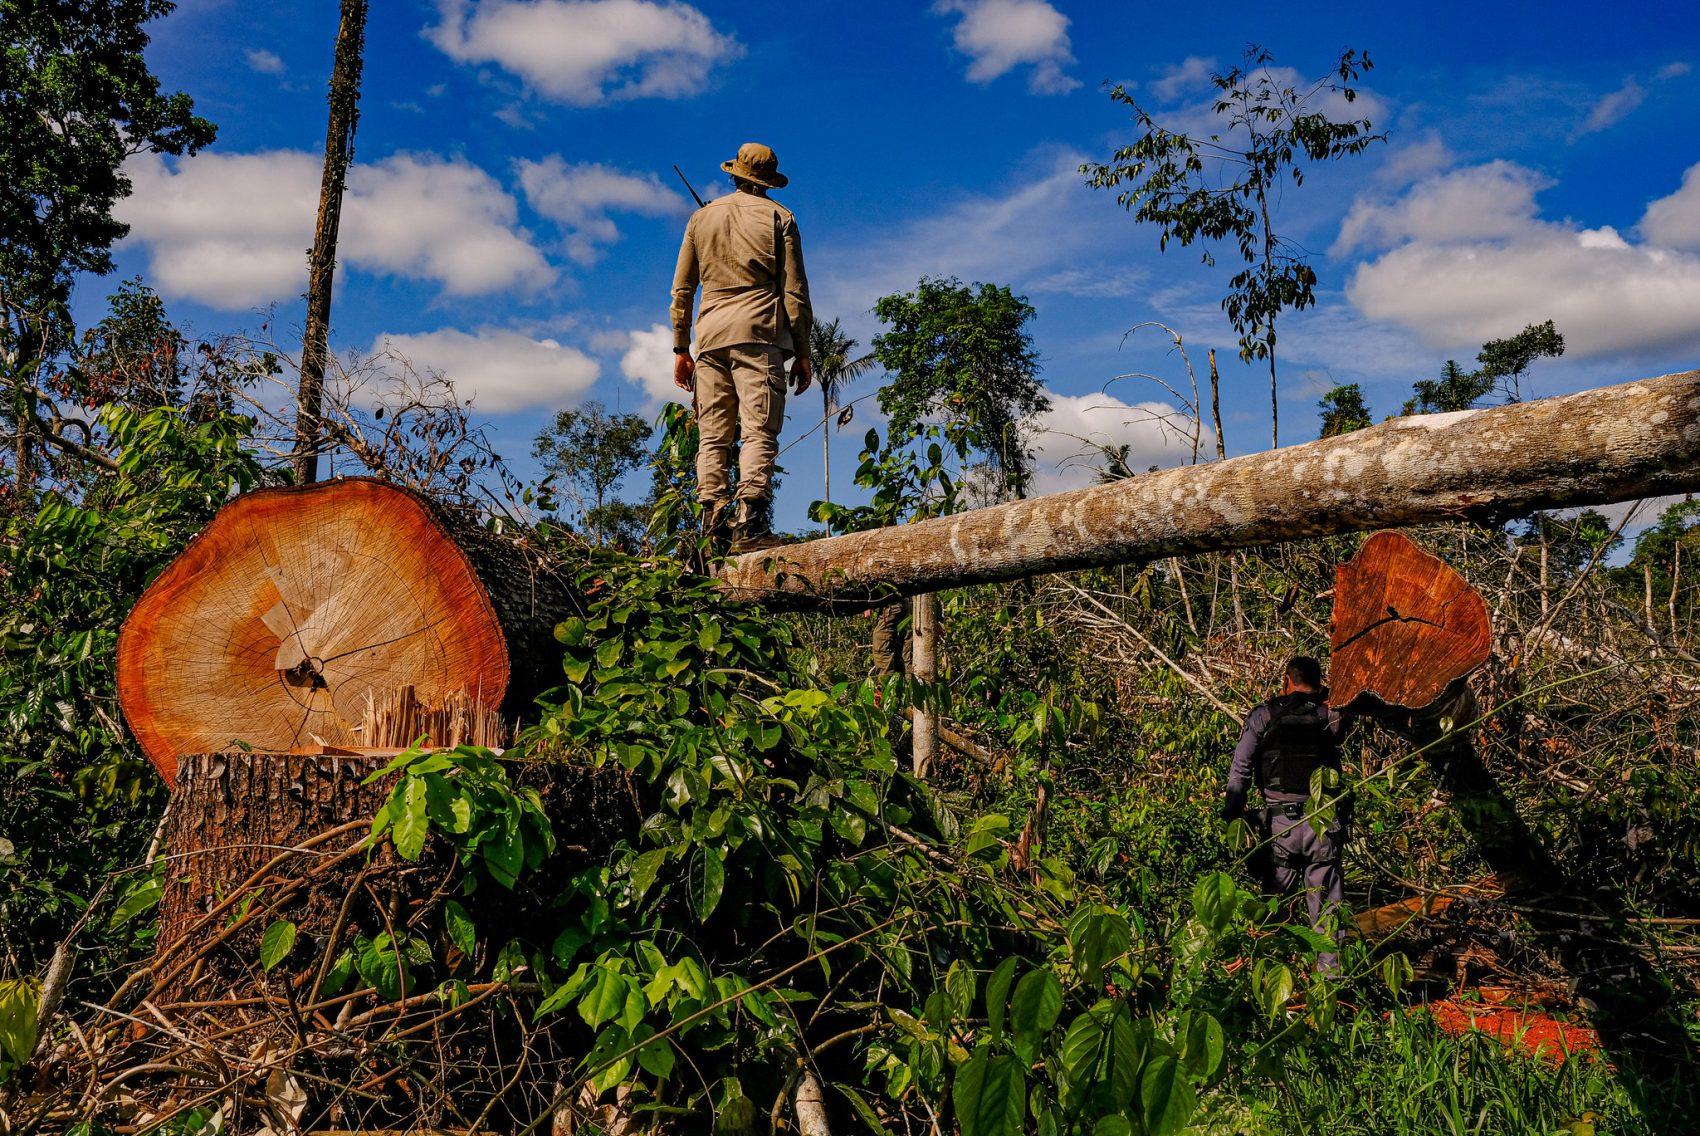 O desmatamento aumentou nos últimos anos, na visão de 77% da população